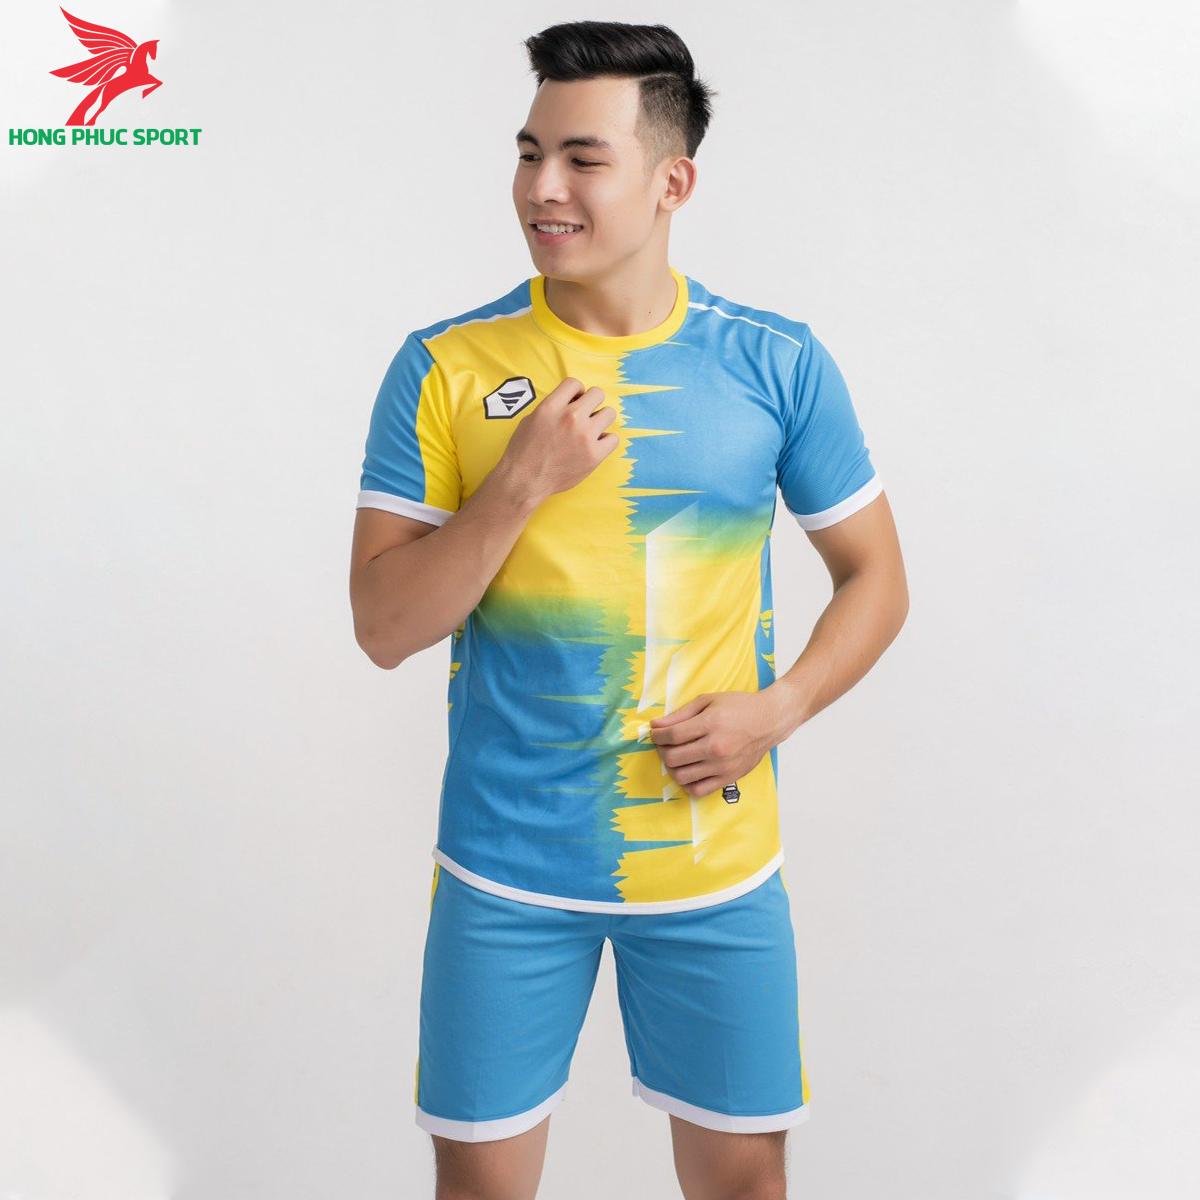 Áo bóng đá không logo TA-A09 màu Xanh ngọc phối Vàng